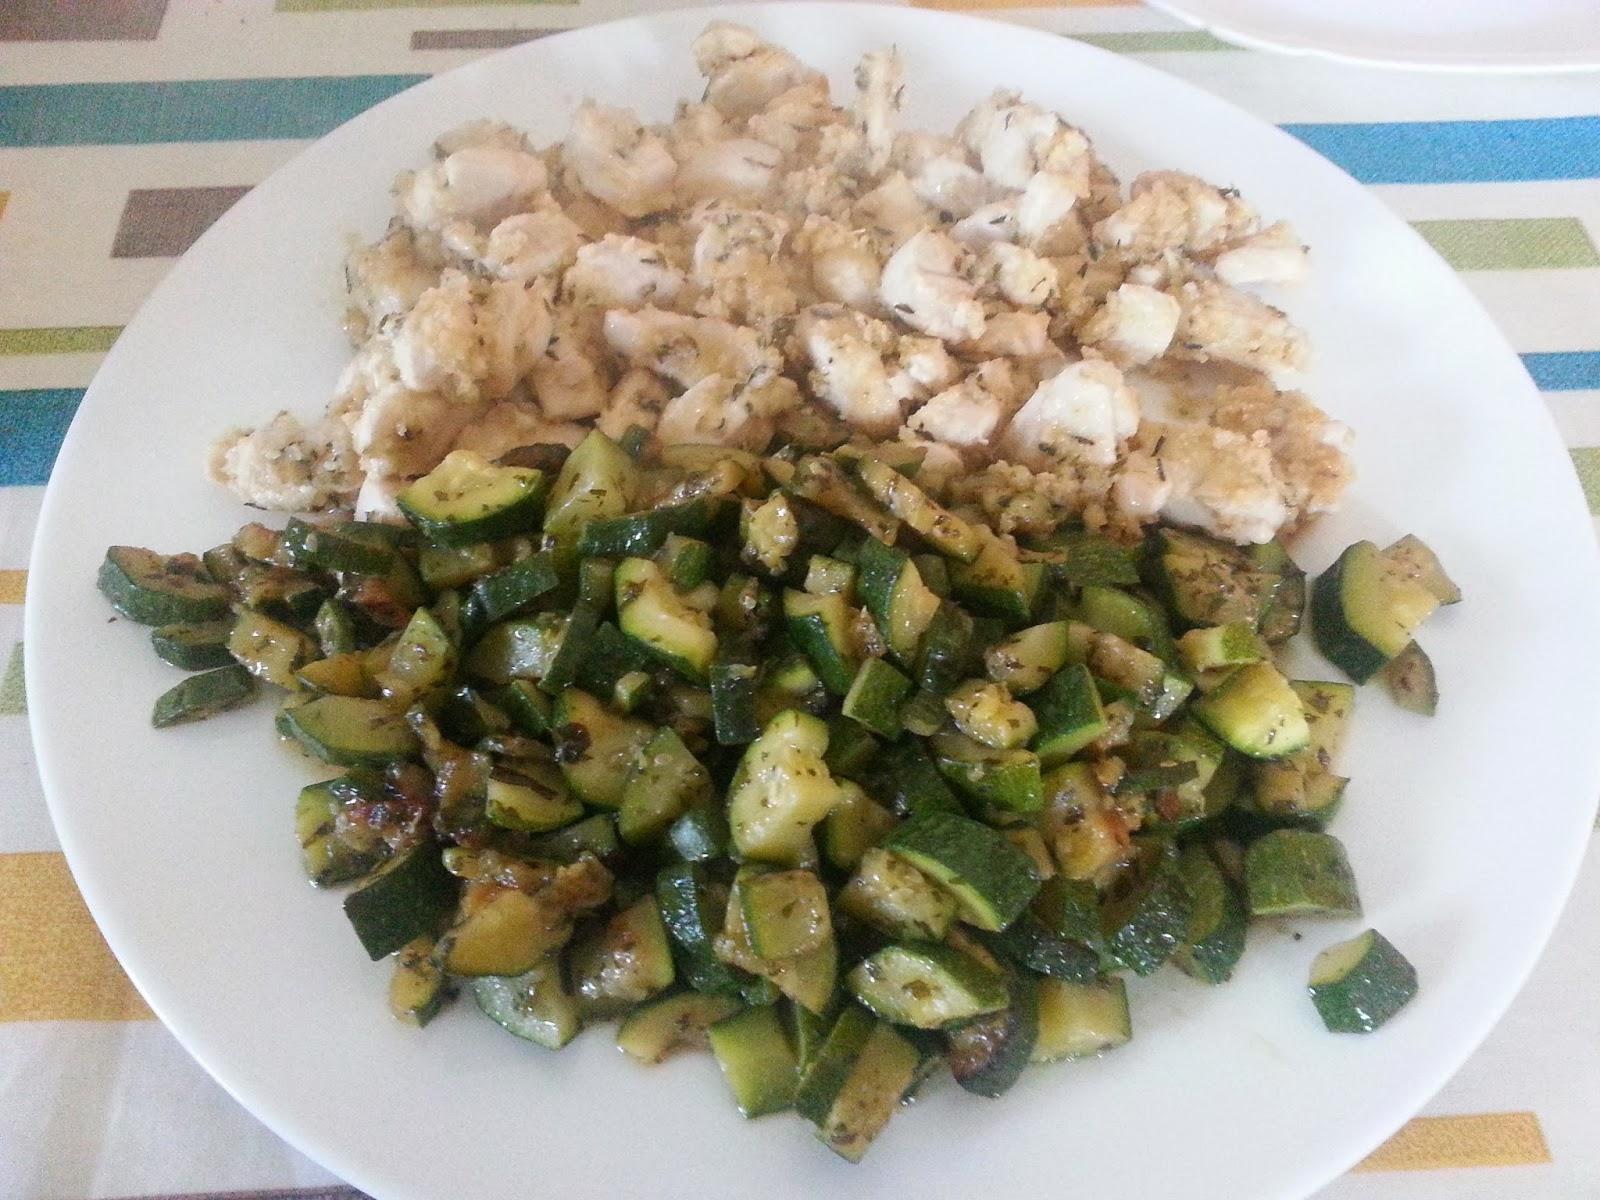 Le ricette di kiki pollo al limone con contorno - Cucinare le zucchine in modo dietetico ...